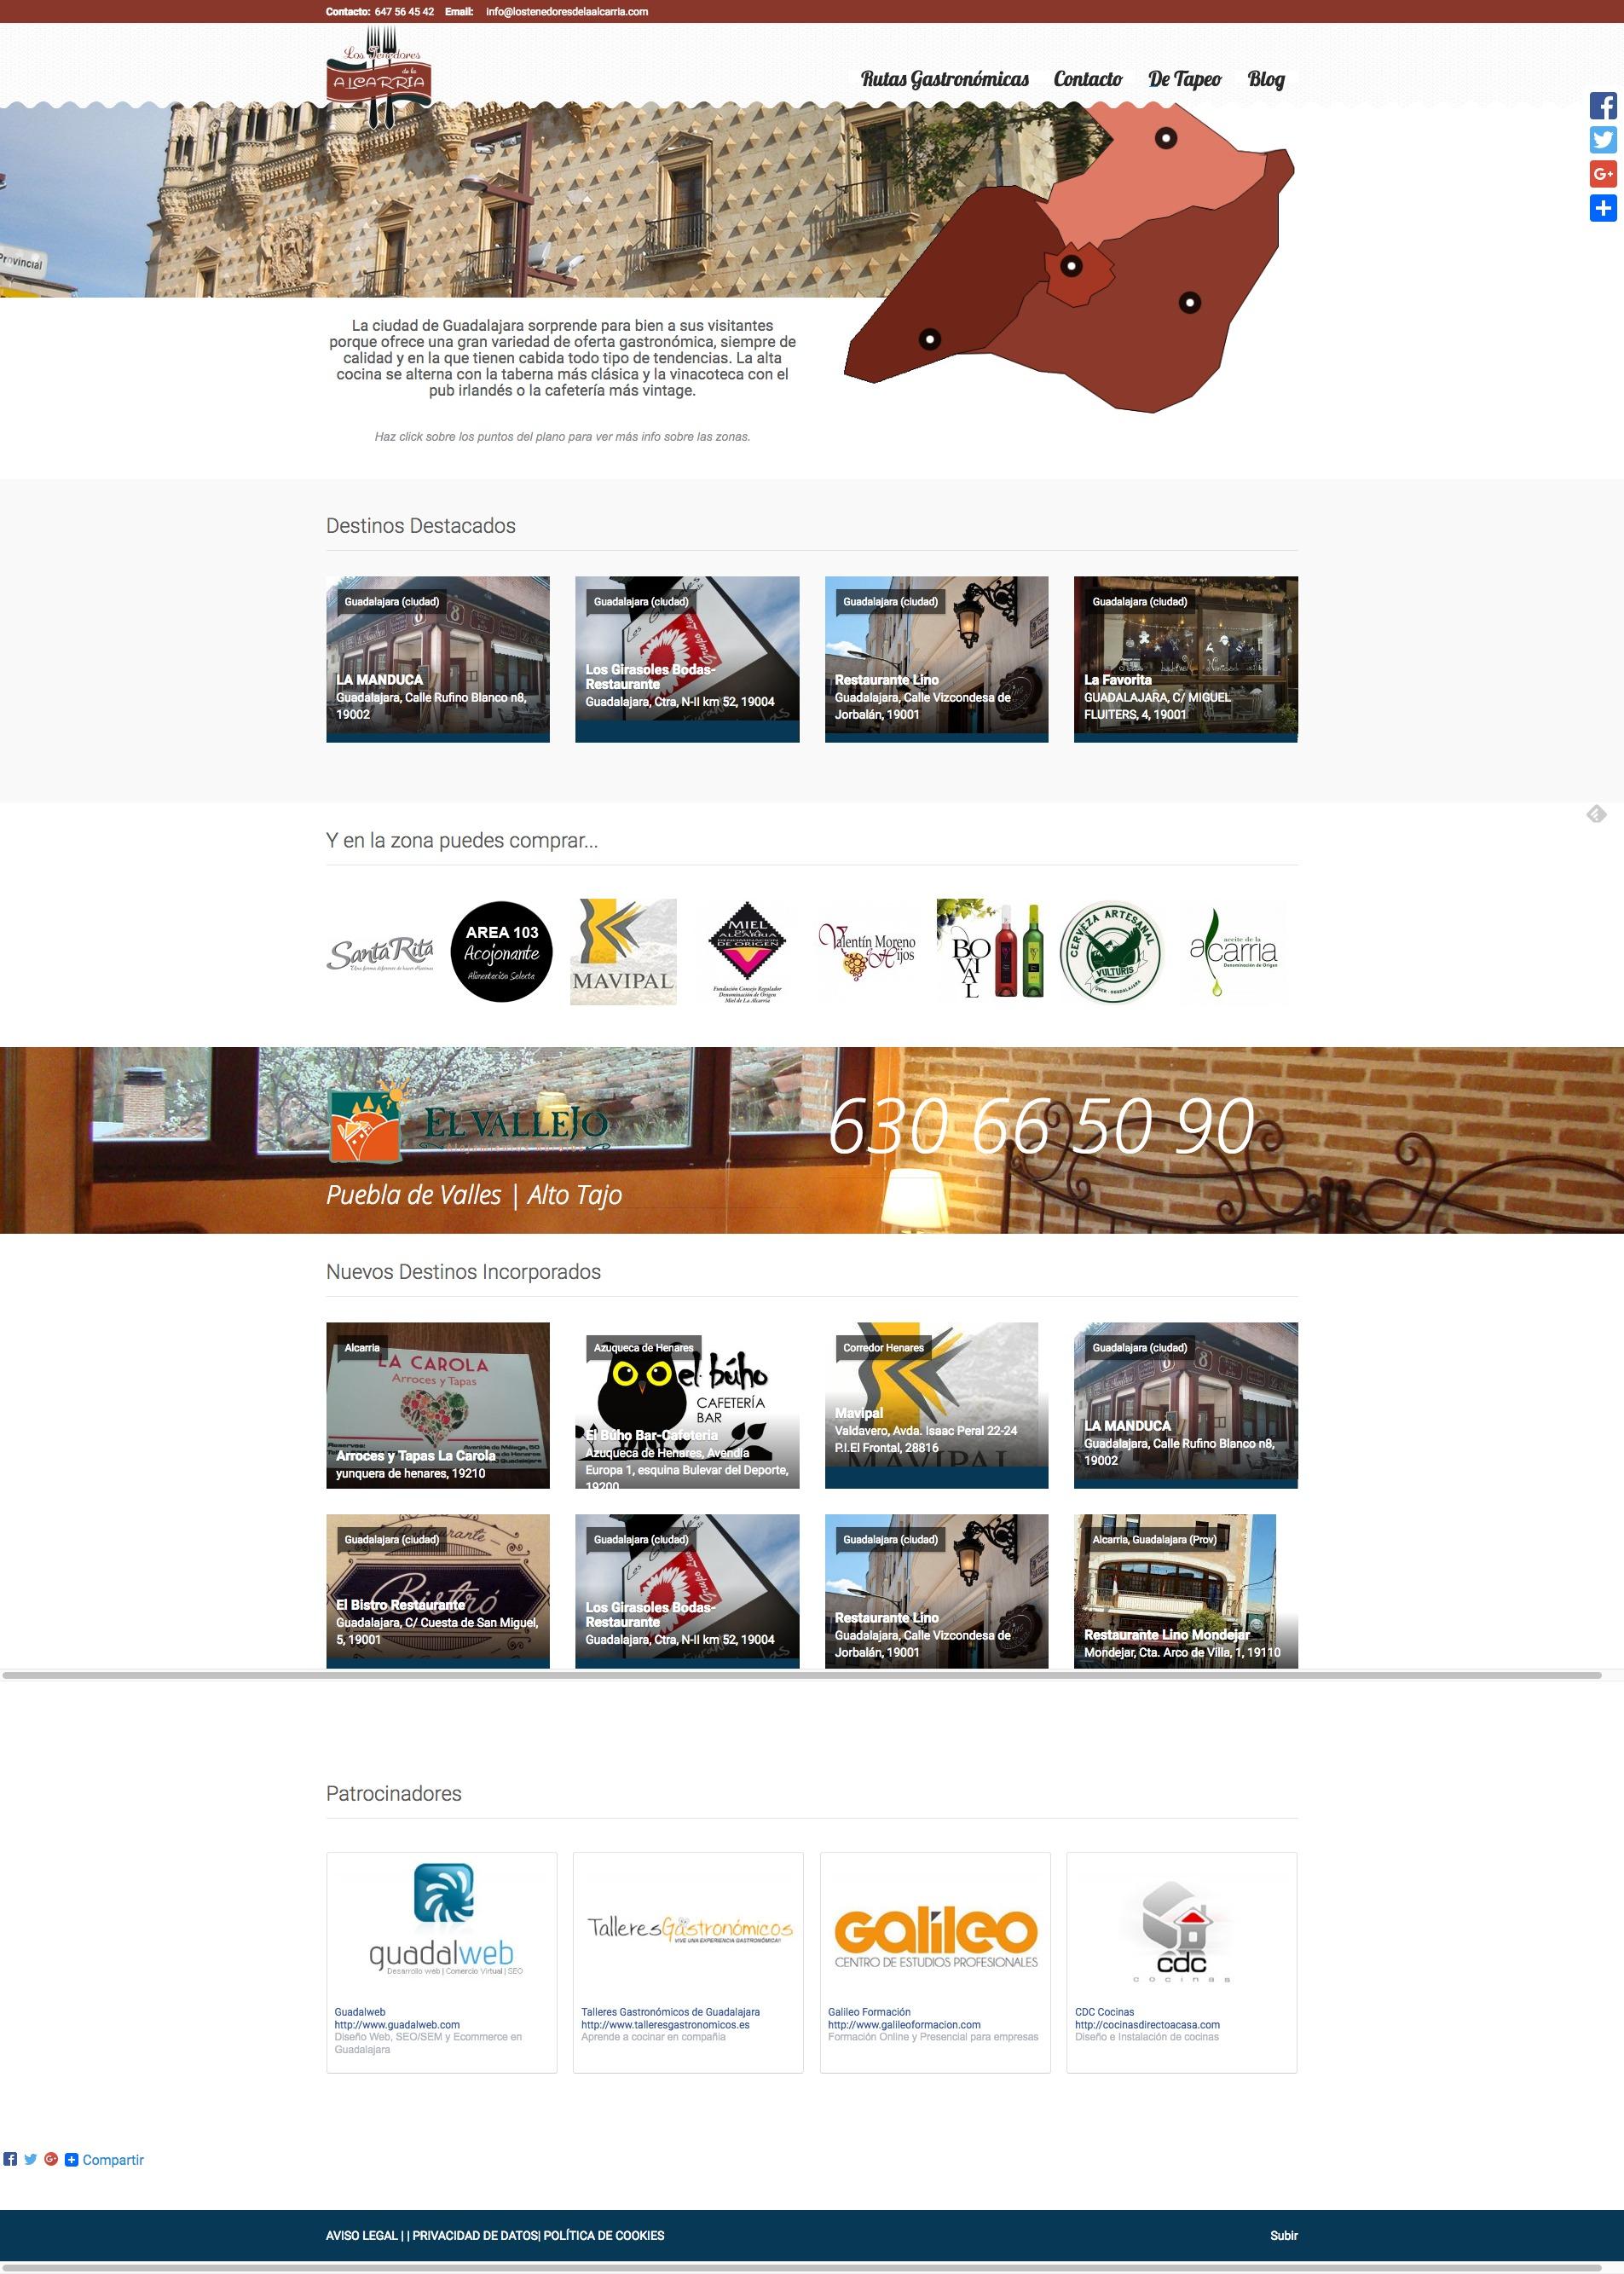 Detalle anuncios empresas en Los Tenedores de la Alcarria